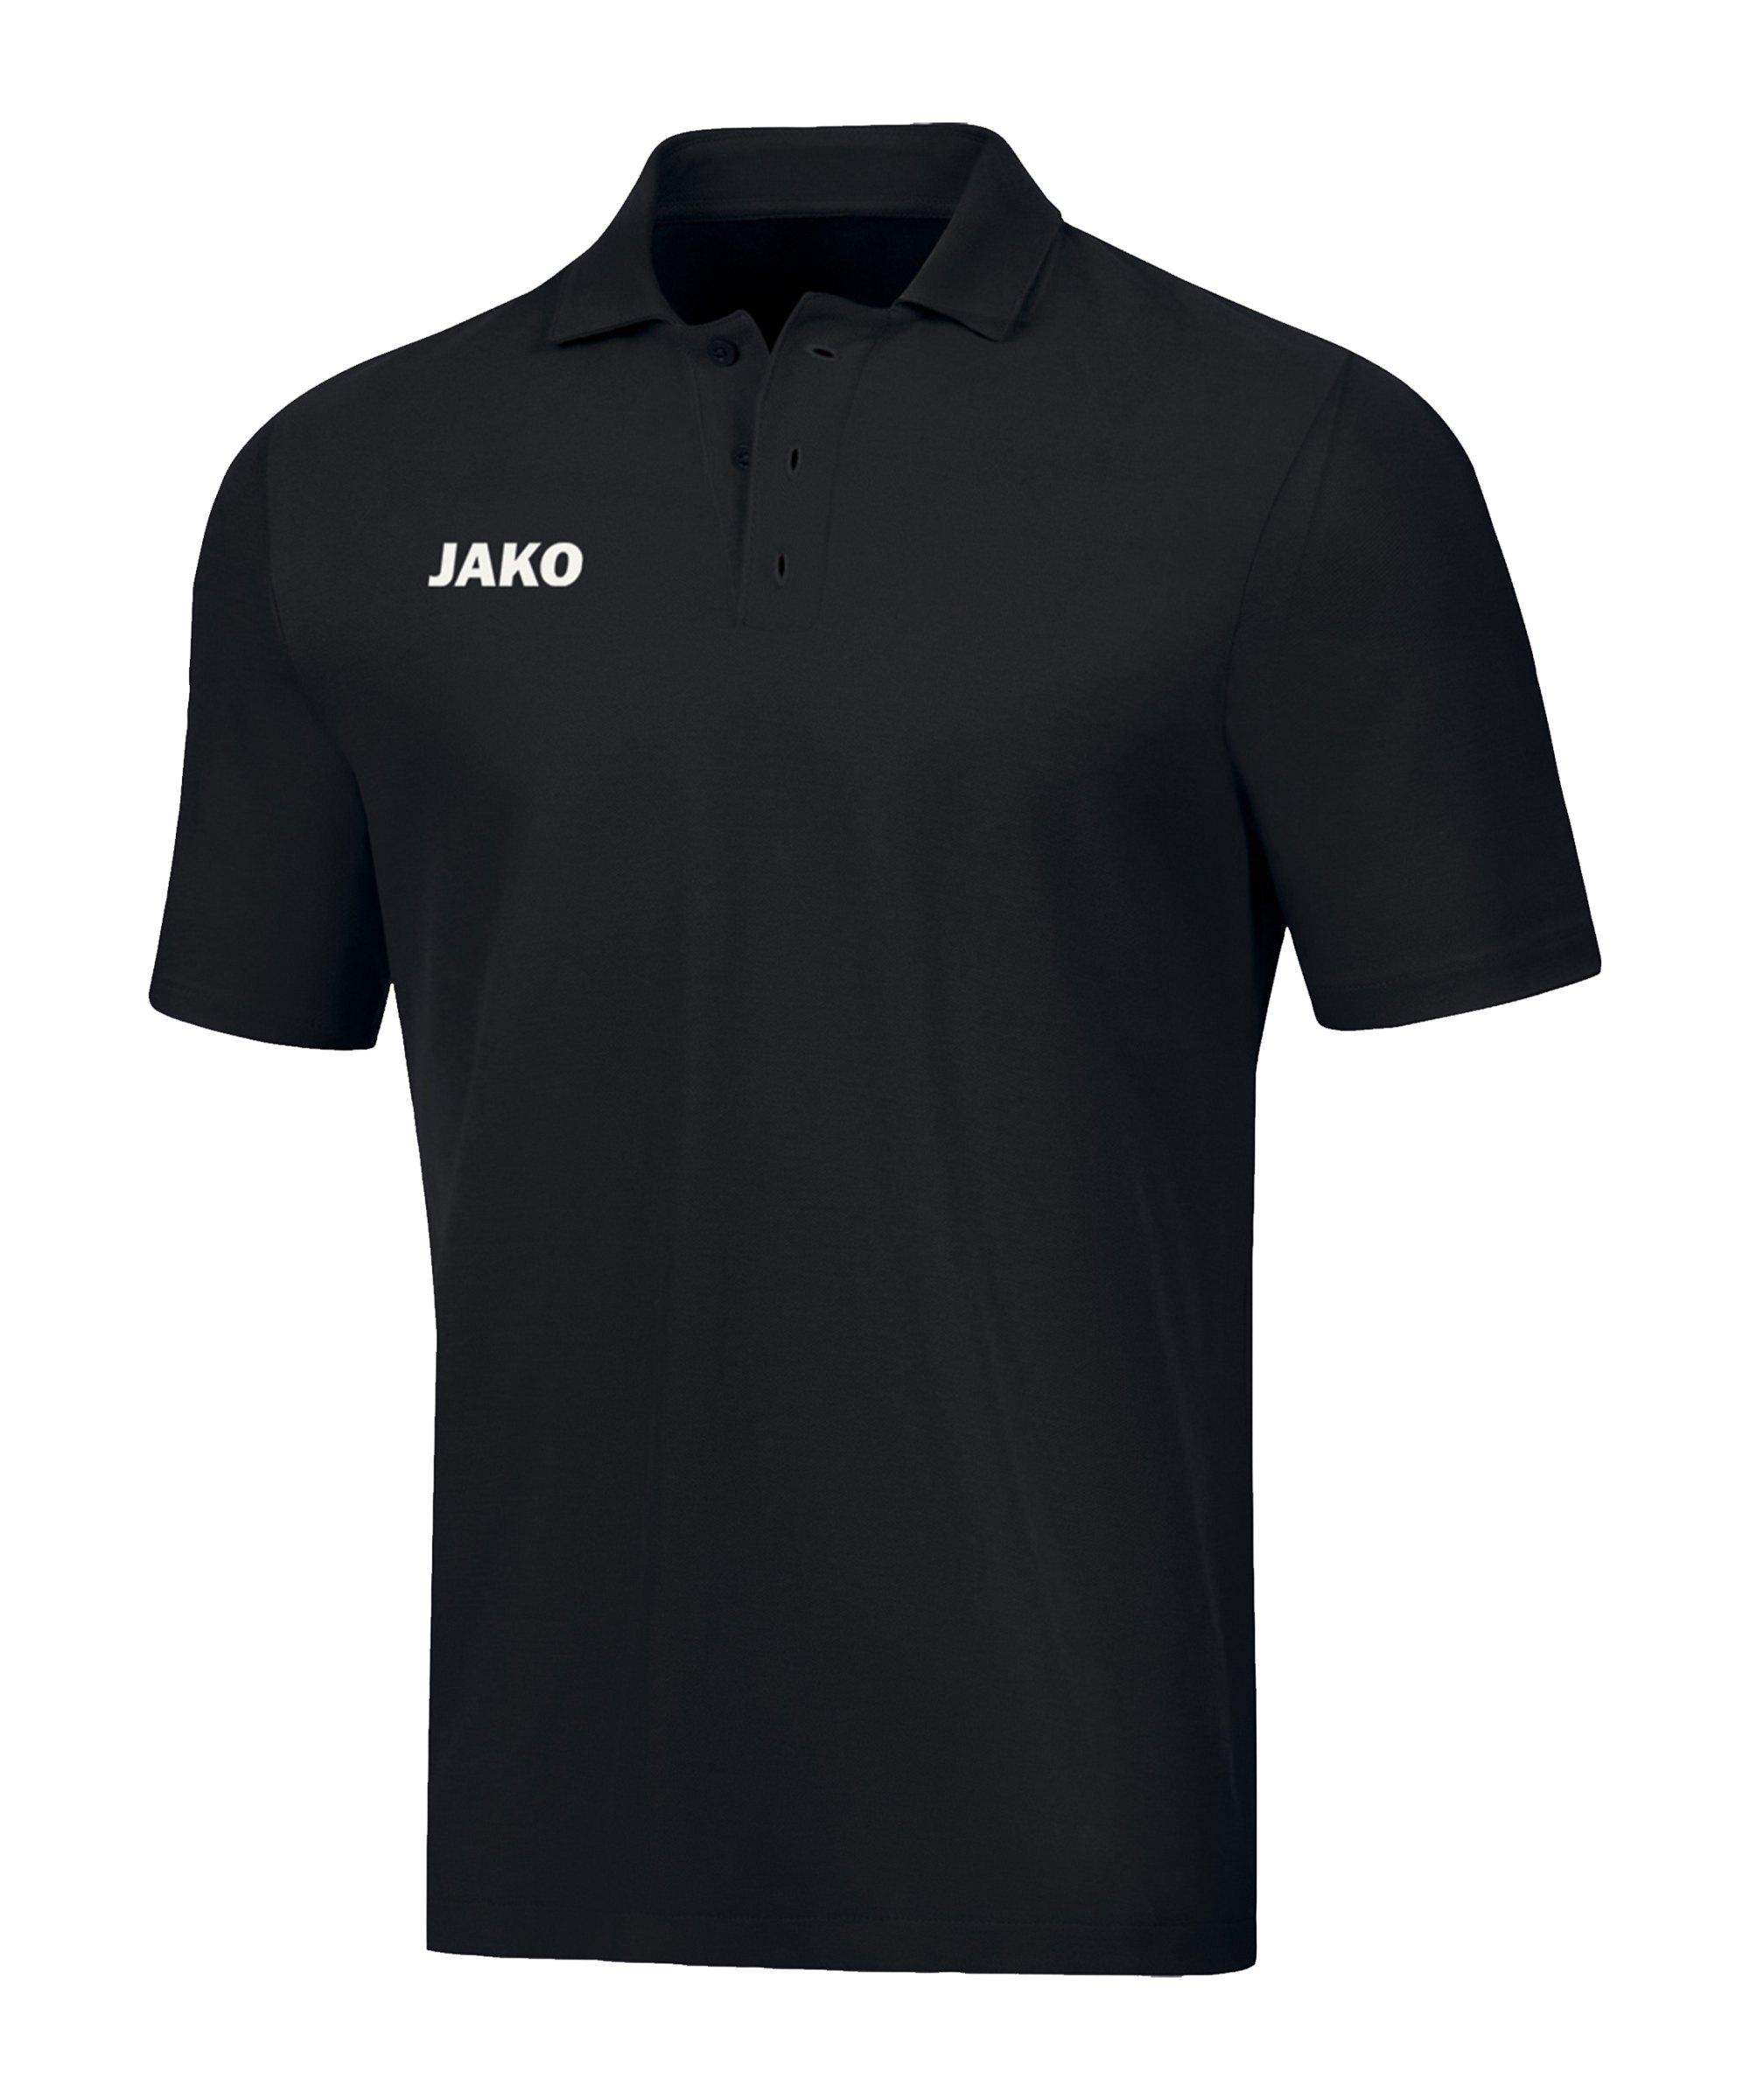 JAKO Base Poloshirt Kids Schwarz F08 - schwarz